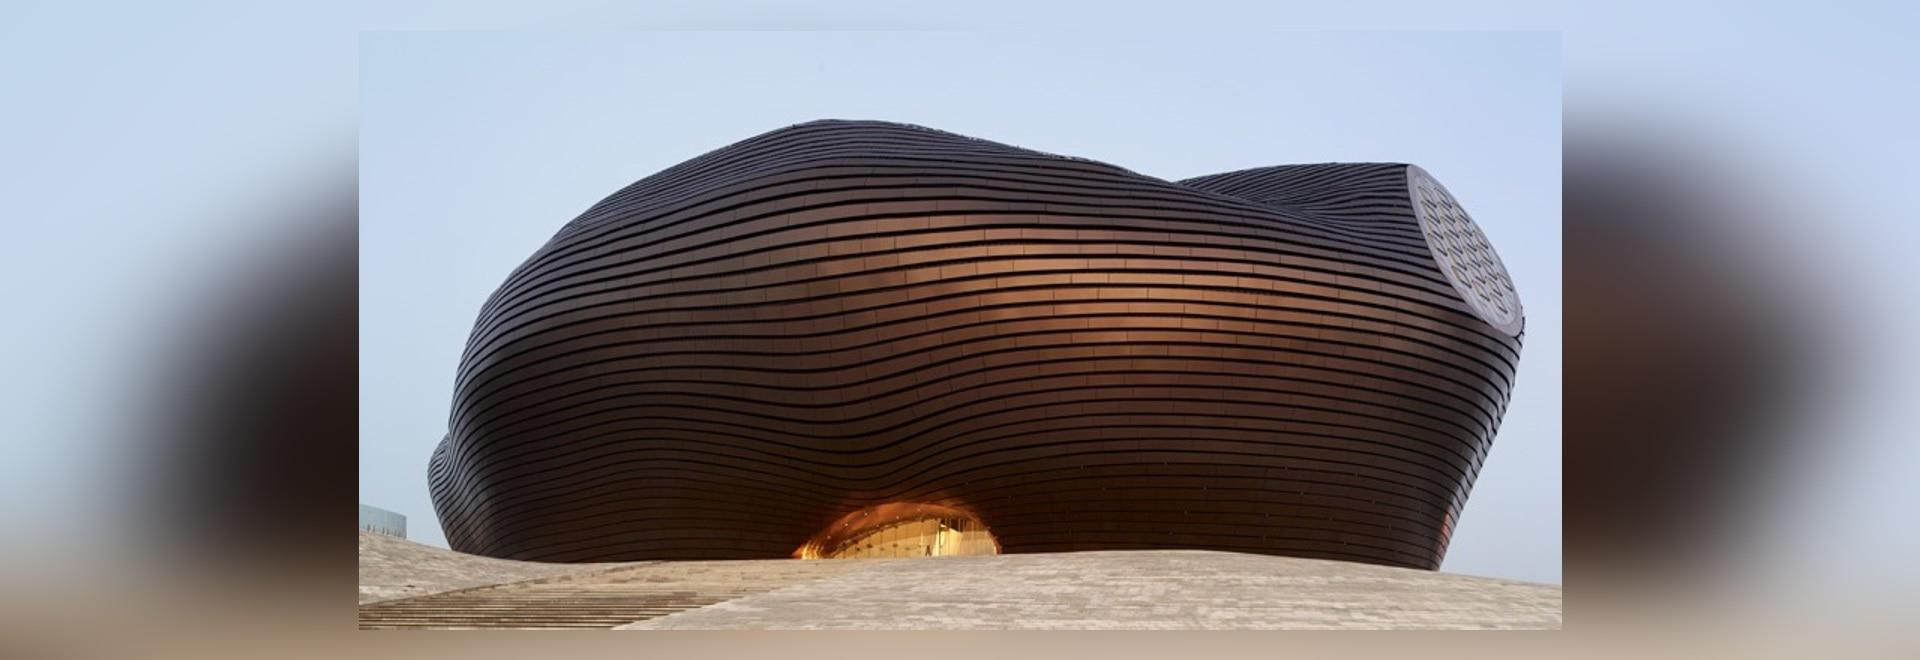 Art d'Ordos et musée de ville par les architectes FOUS